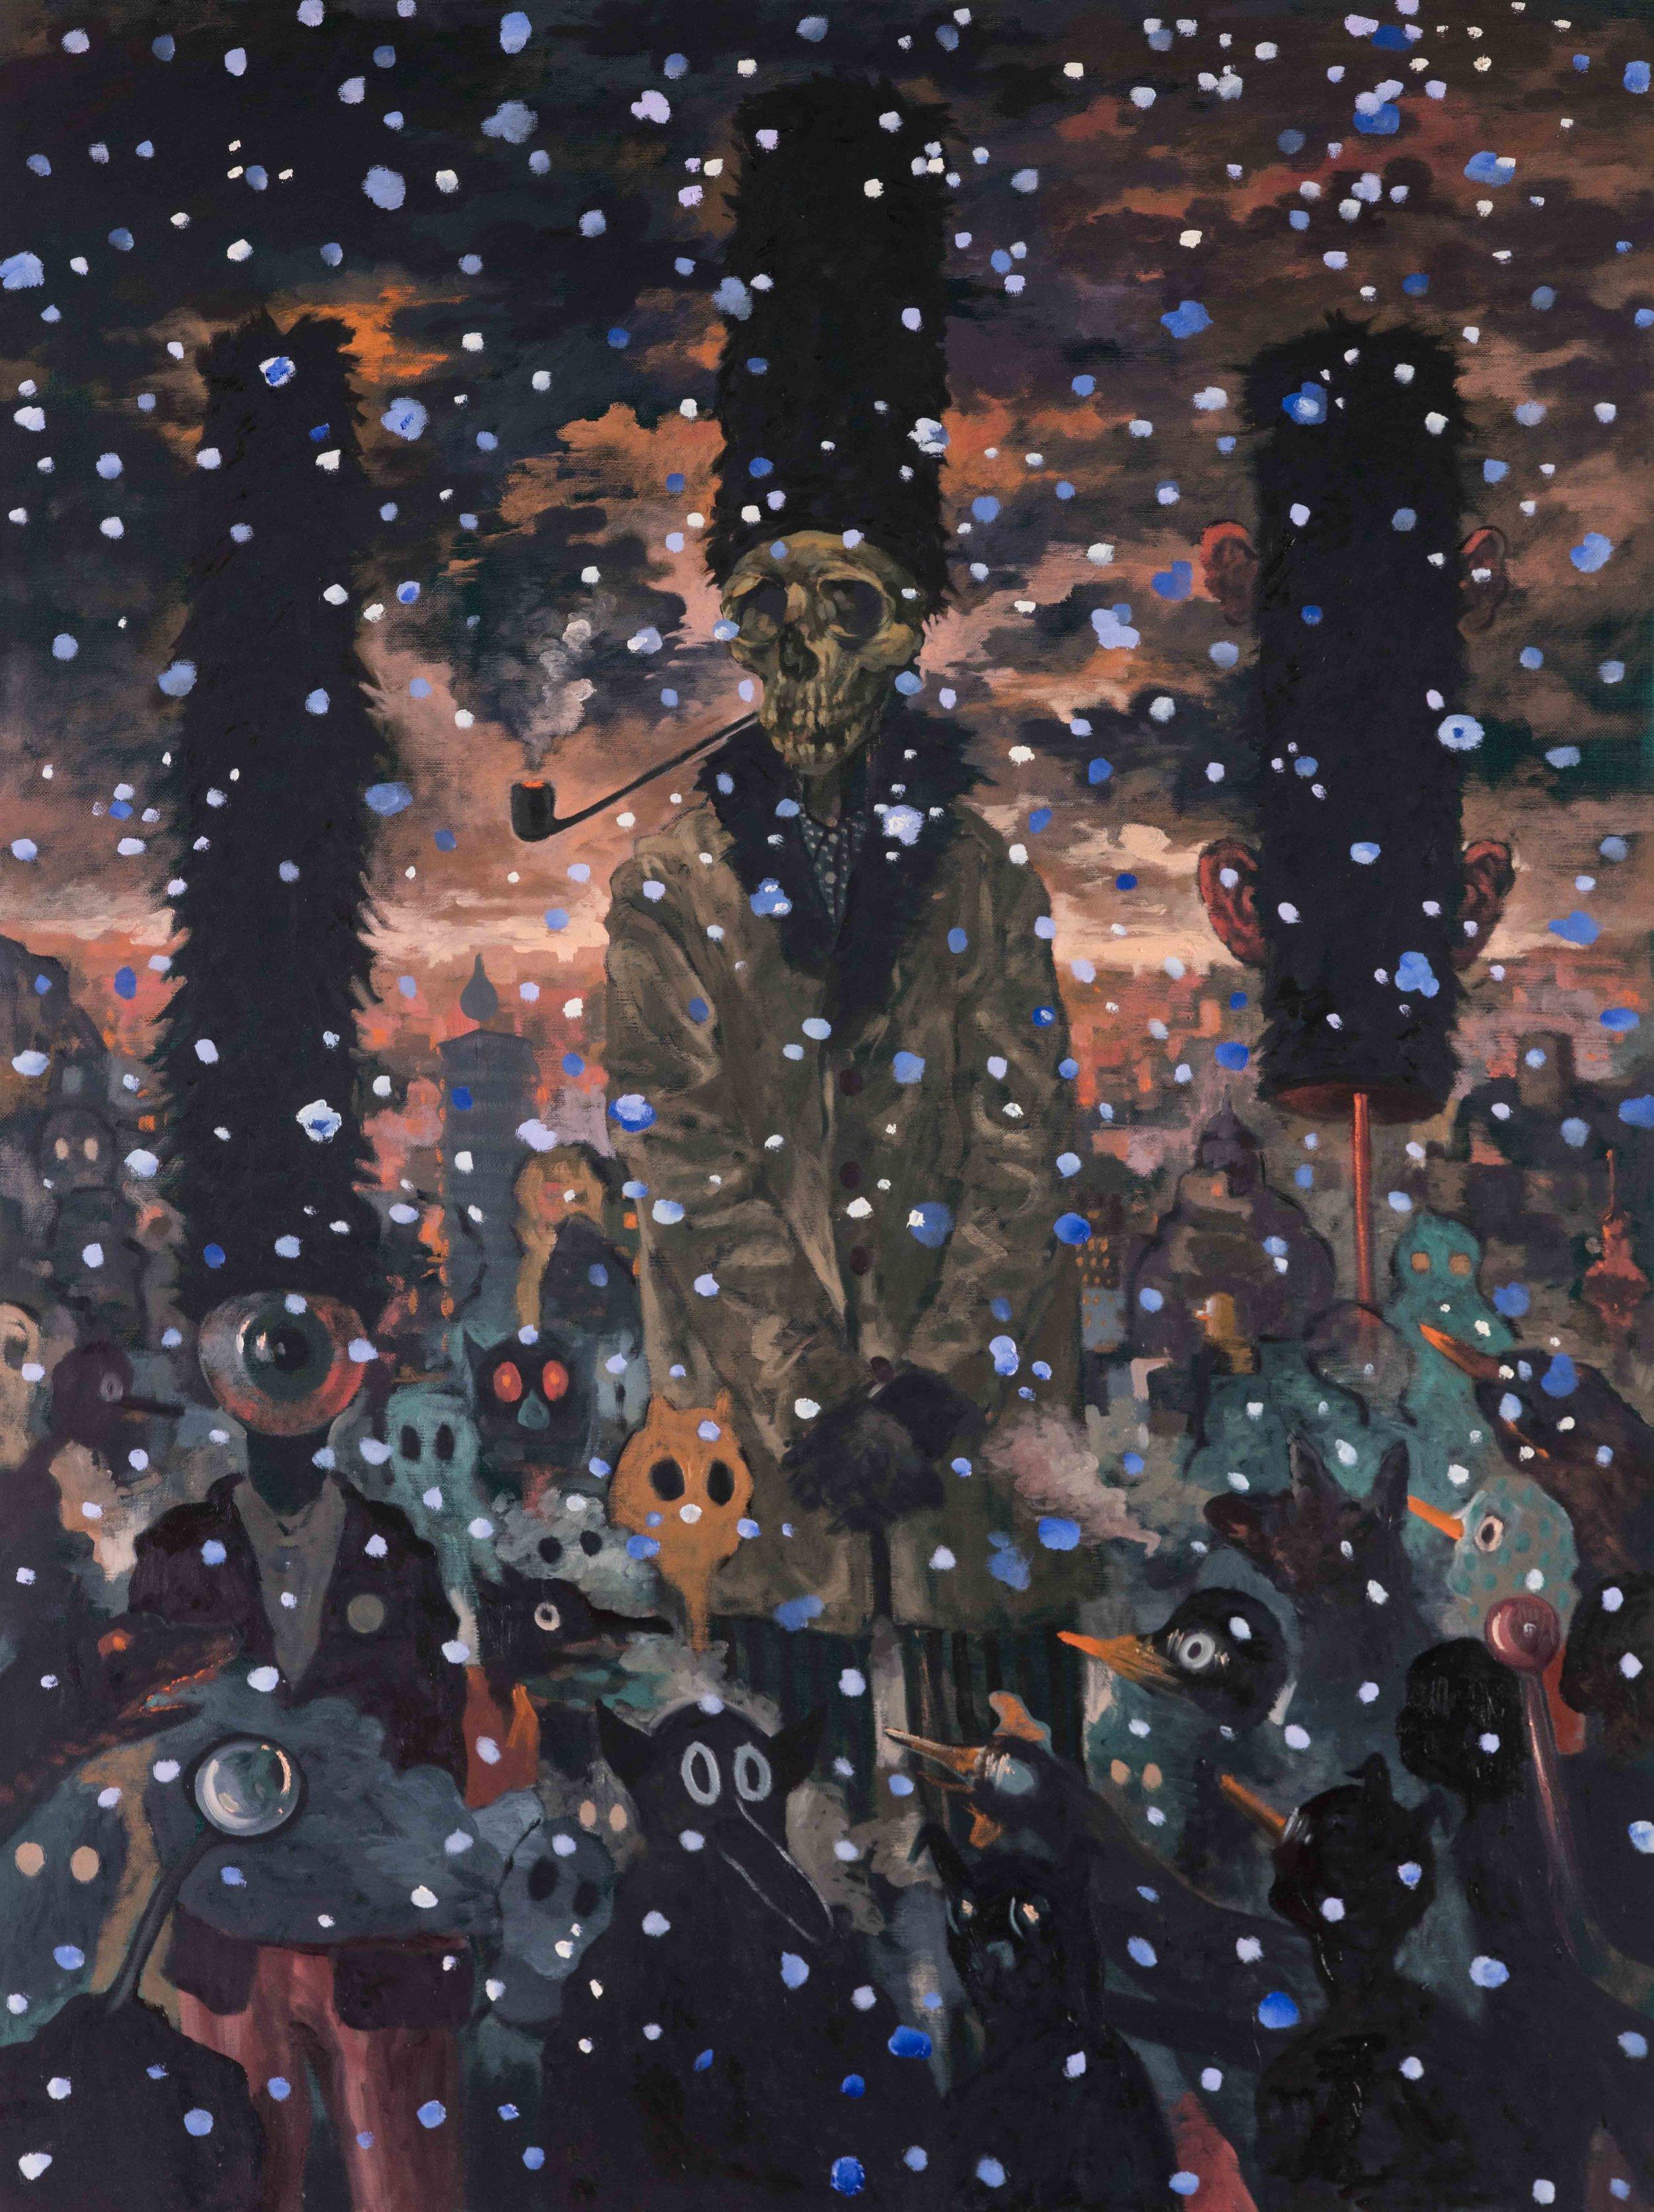 Michael Vale, Snow , 2016, oil on linen, 122 x 92cm